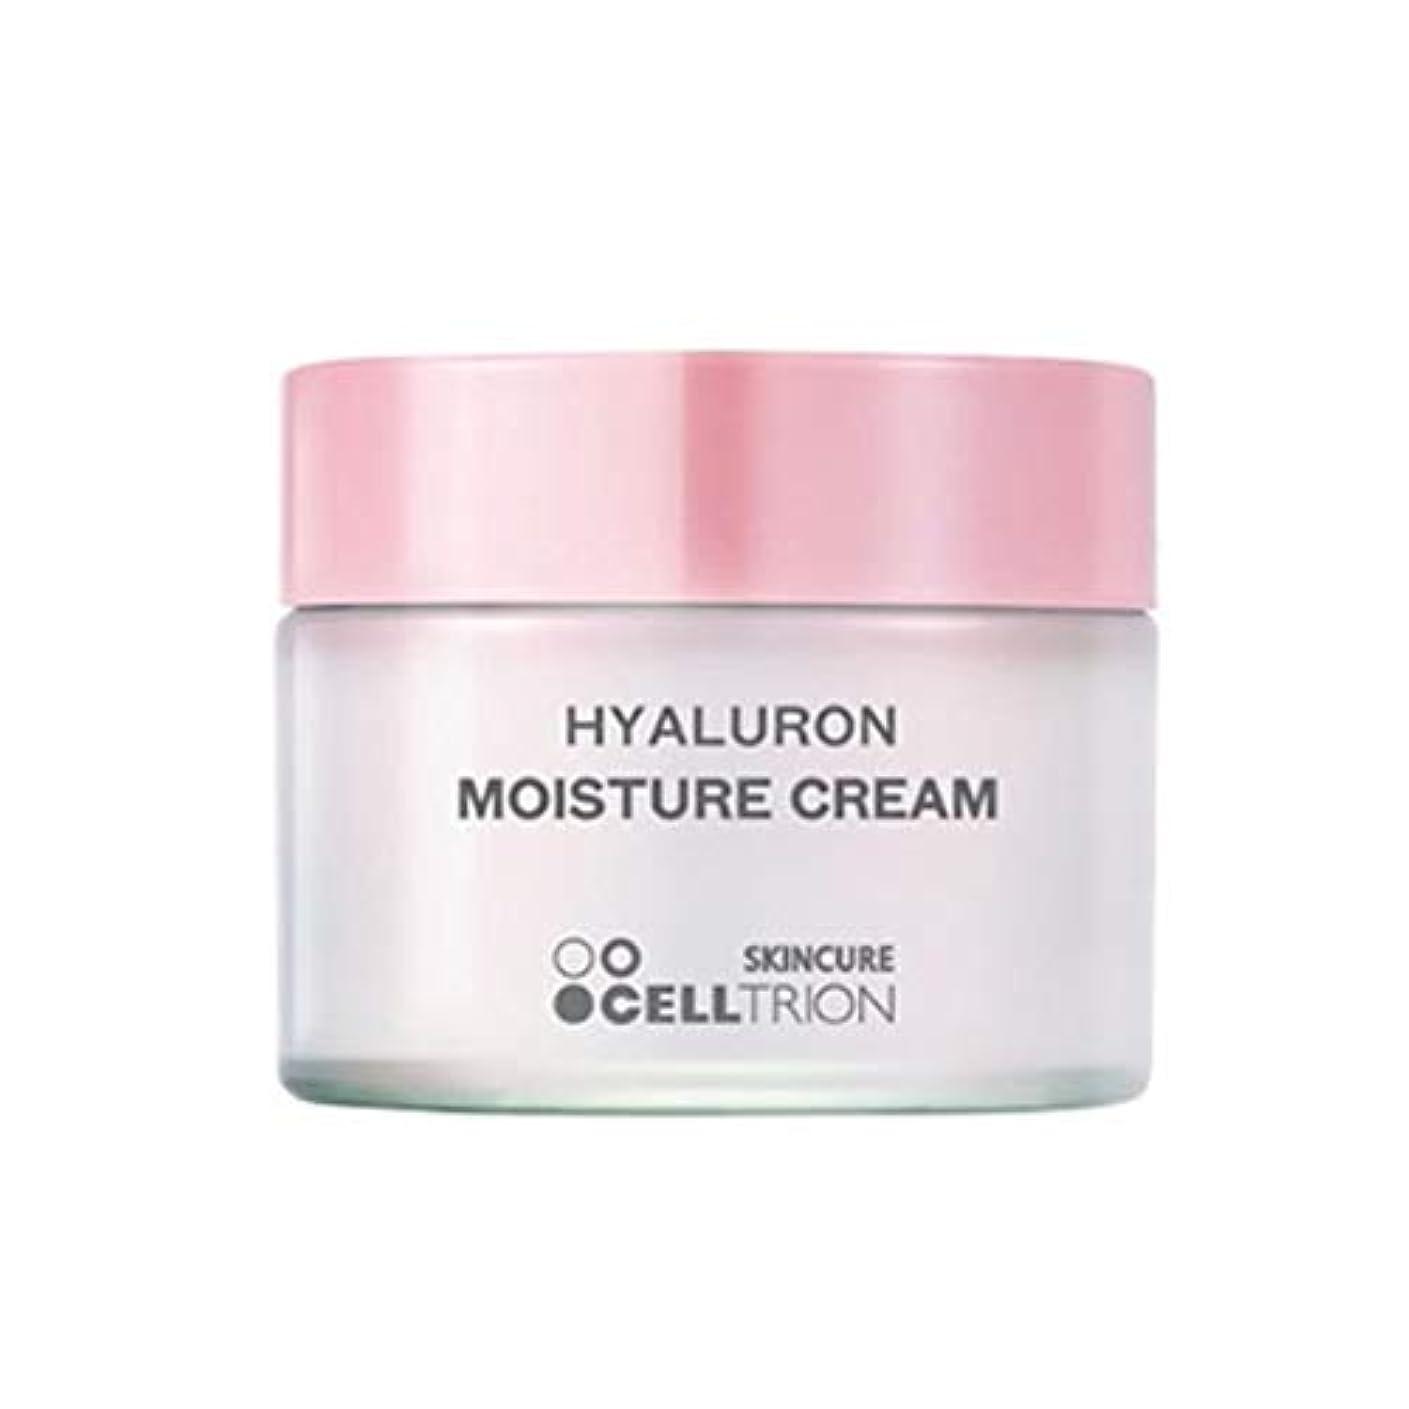 カロリーパウダーチョップセルトリオンスキンキュアヒアルロンモイスチャークリーム50gしわ改善、Celltrion Skincure Hyaluron Moisture Cream 50g Anti-Wrinkle [並行輸入品]